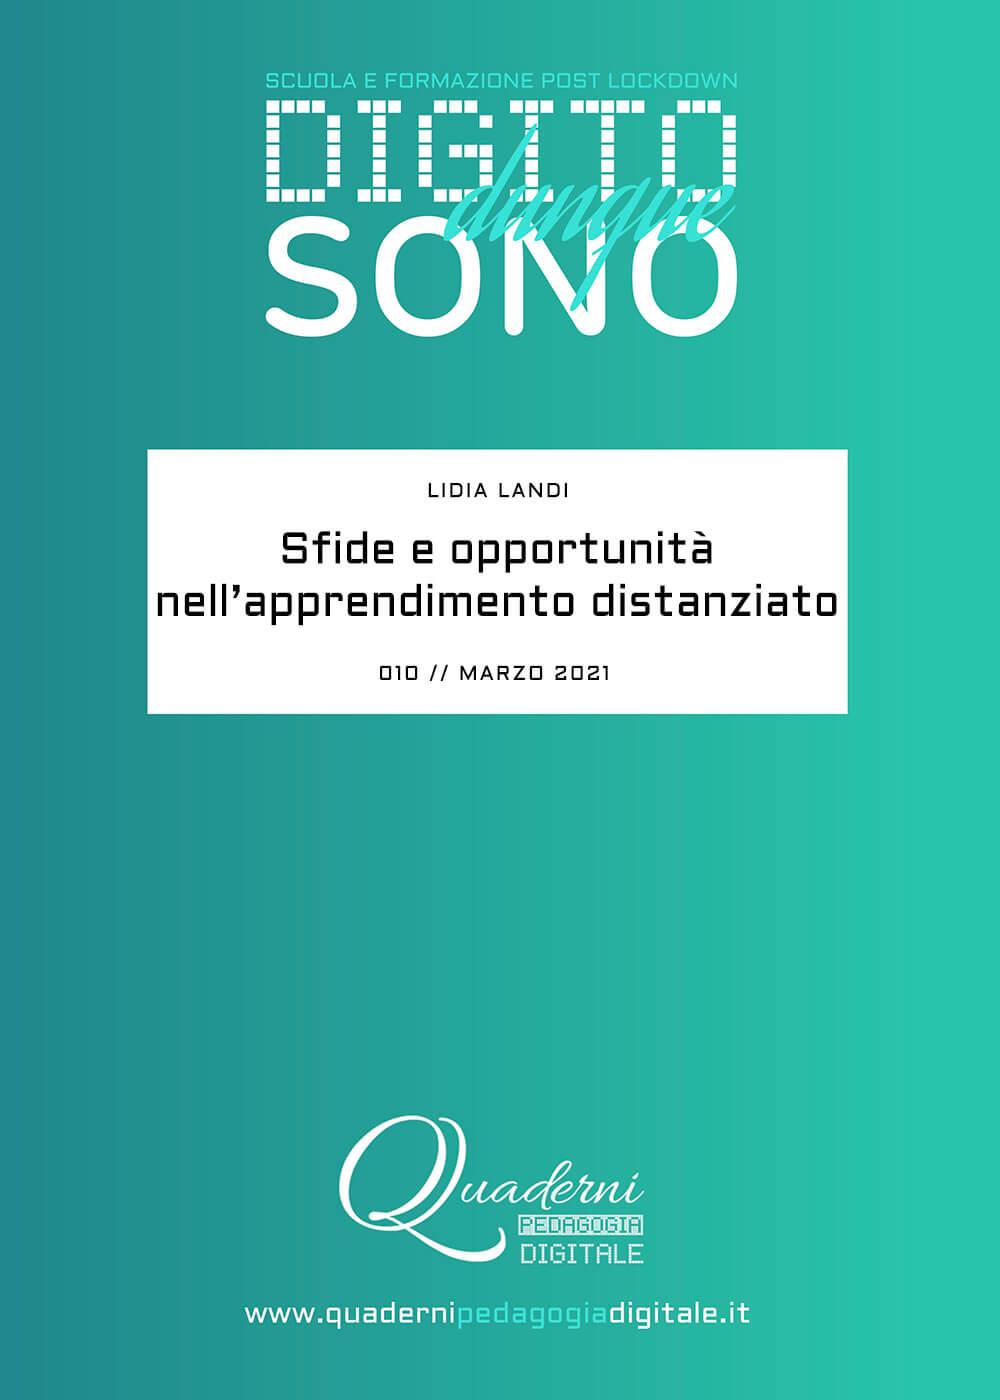 Quaderni di Pedagogia Digitale // Fondo Pizzigoni // Digito Dunque Sono DDS 010 // Lidia Landi: Sfide e opportunità nell'apprendimento distanziato // Marzo 2021 // cover